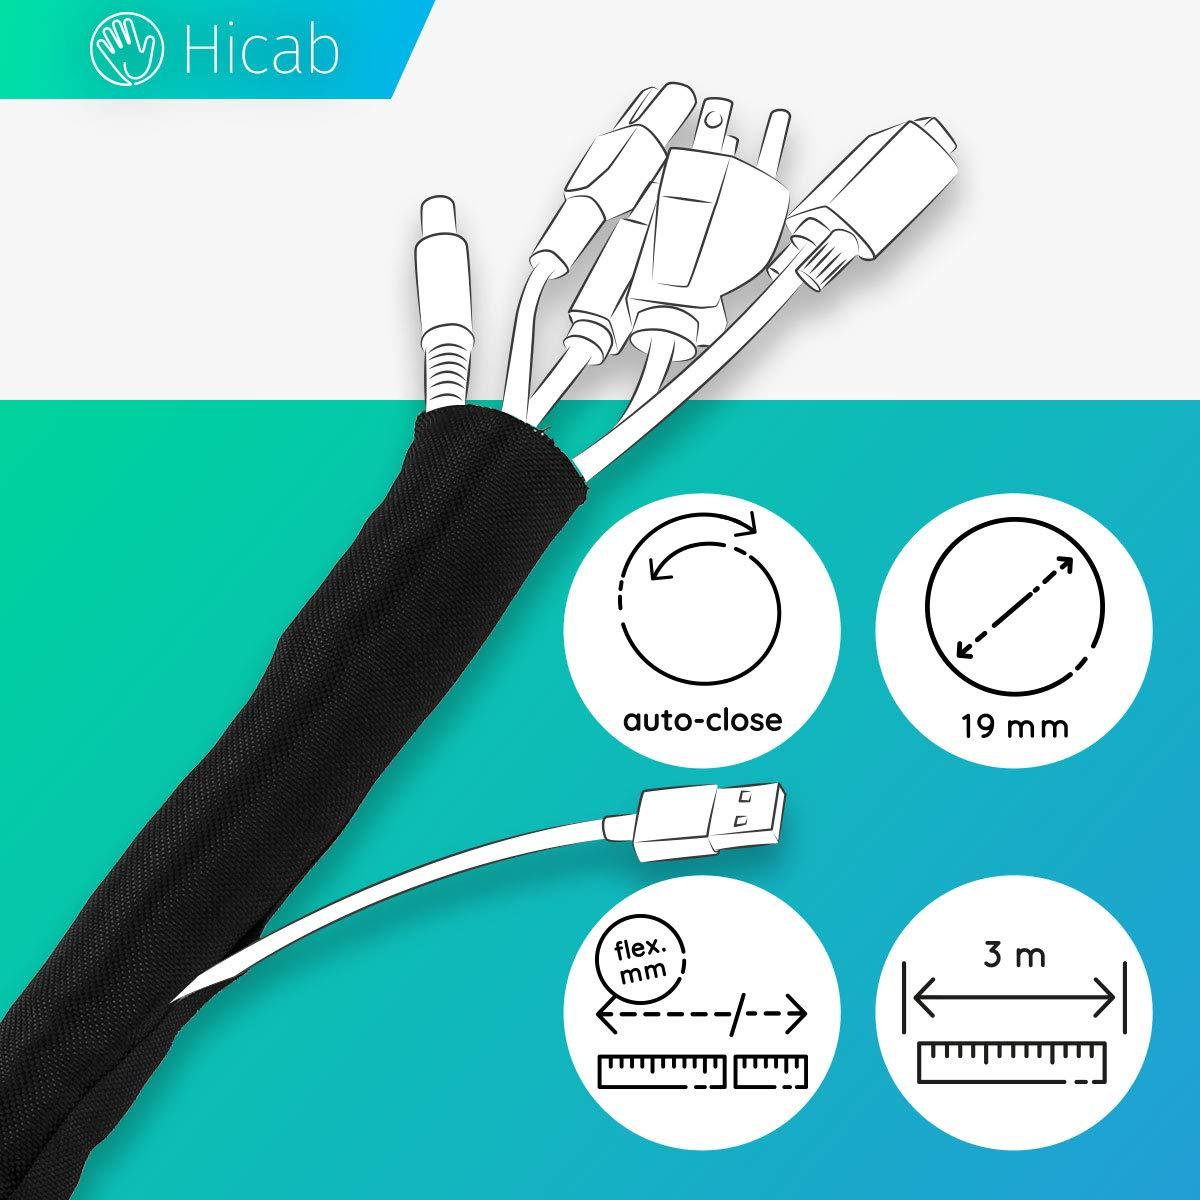 Tubo portacables de Hicab: recortable y con autocierre. Funda para cable de 3 m de longitud, 19 mm de anchura y color negro. Permite ocultar los cables del escritorio y del televisor.: